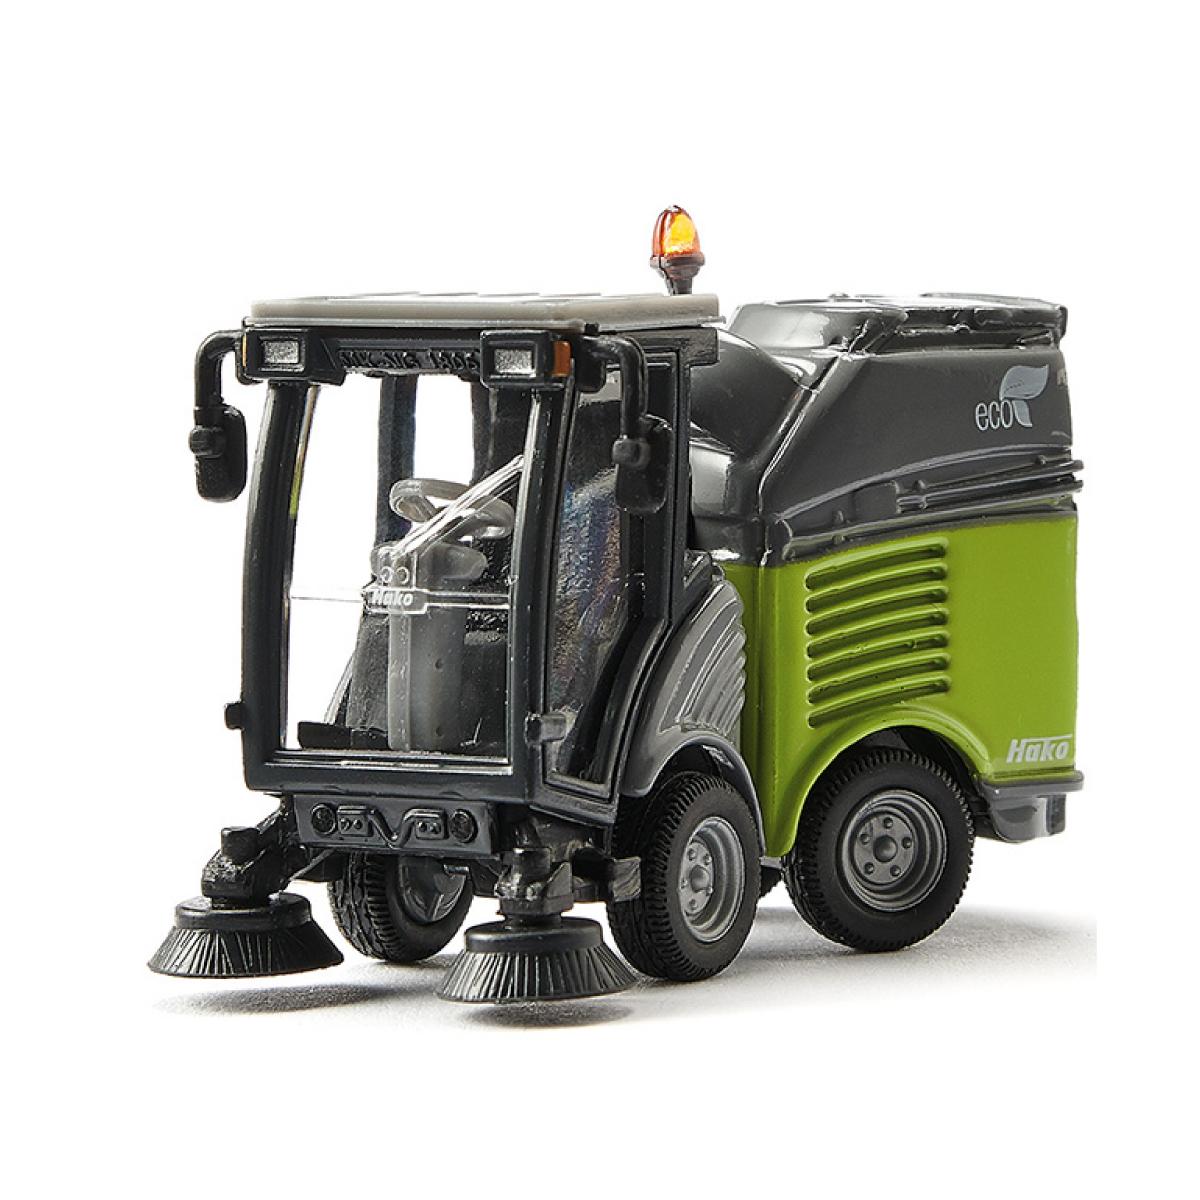 清掃車 1:50(ジク・SIKU)